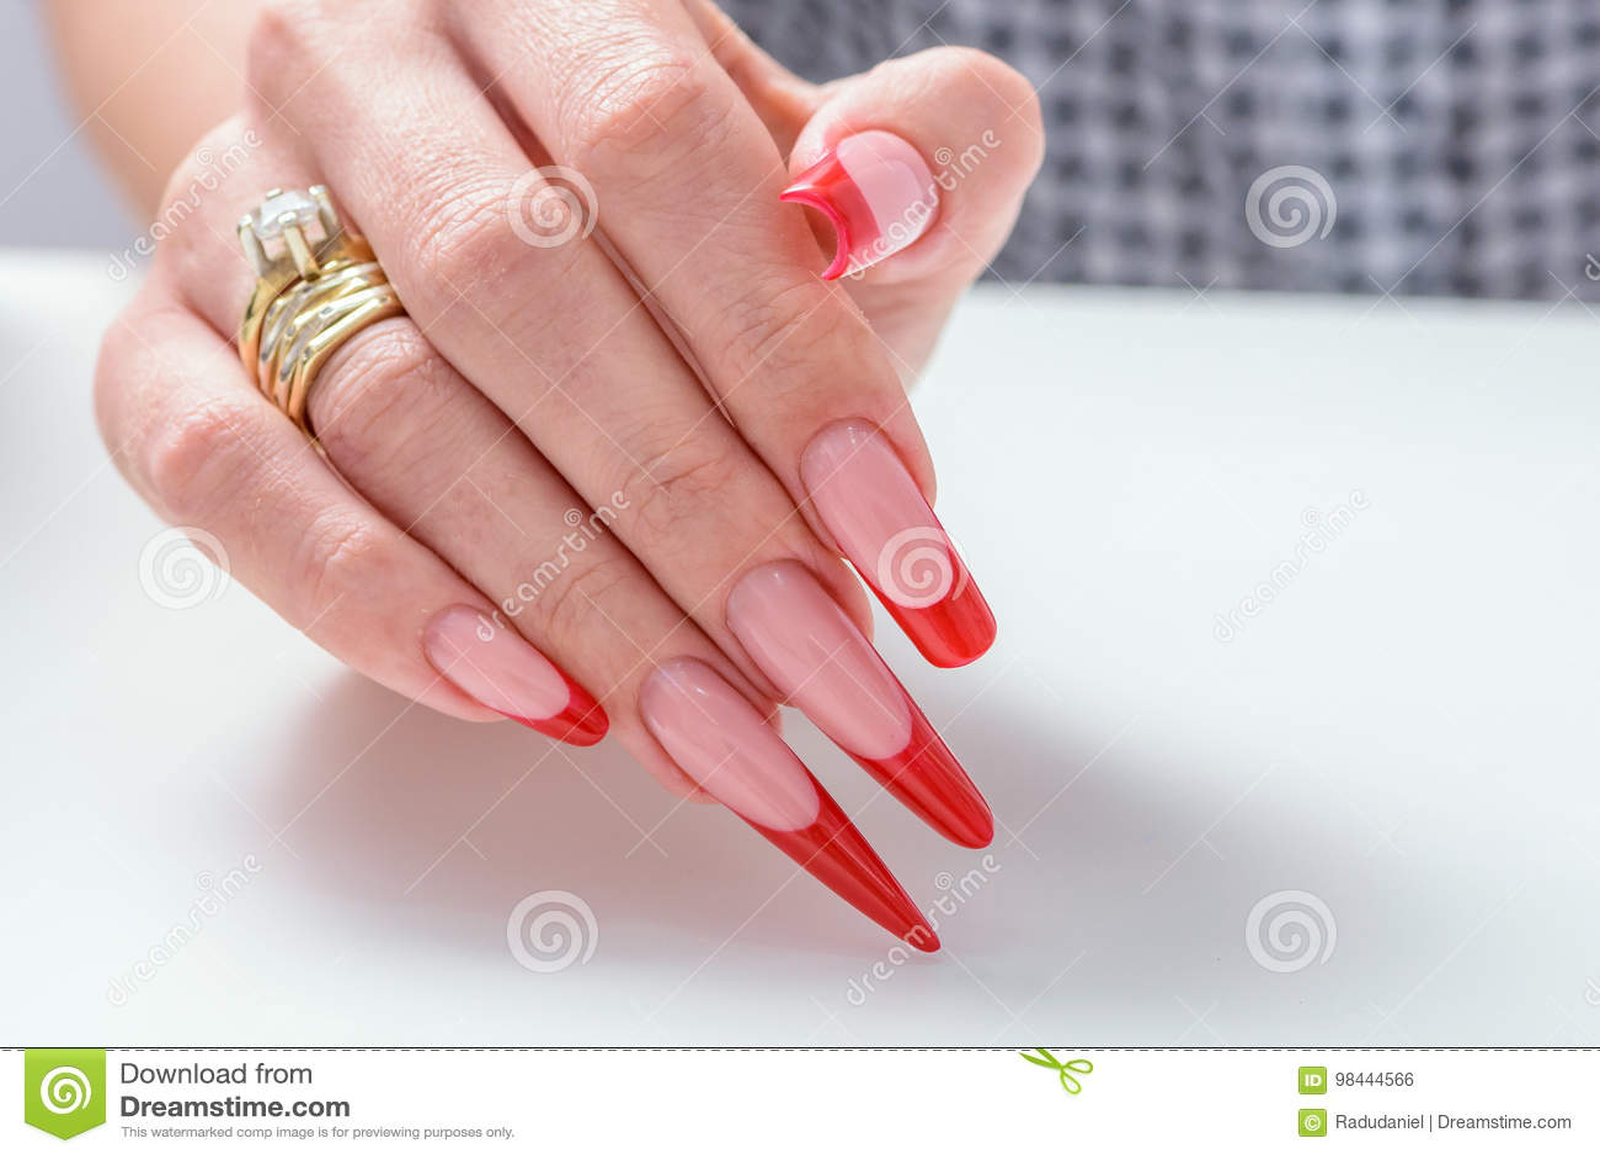 Excepcional Mens Esmalte De Uñas Motivo - Ideas Para Pintar Uñas ...